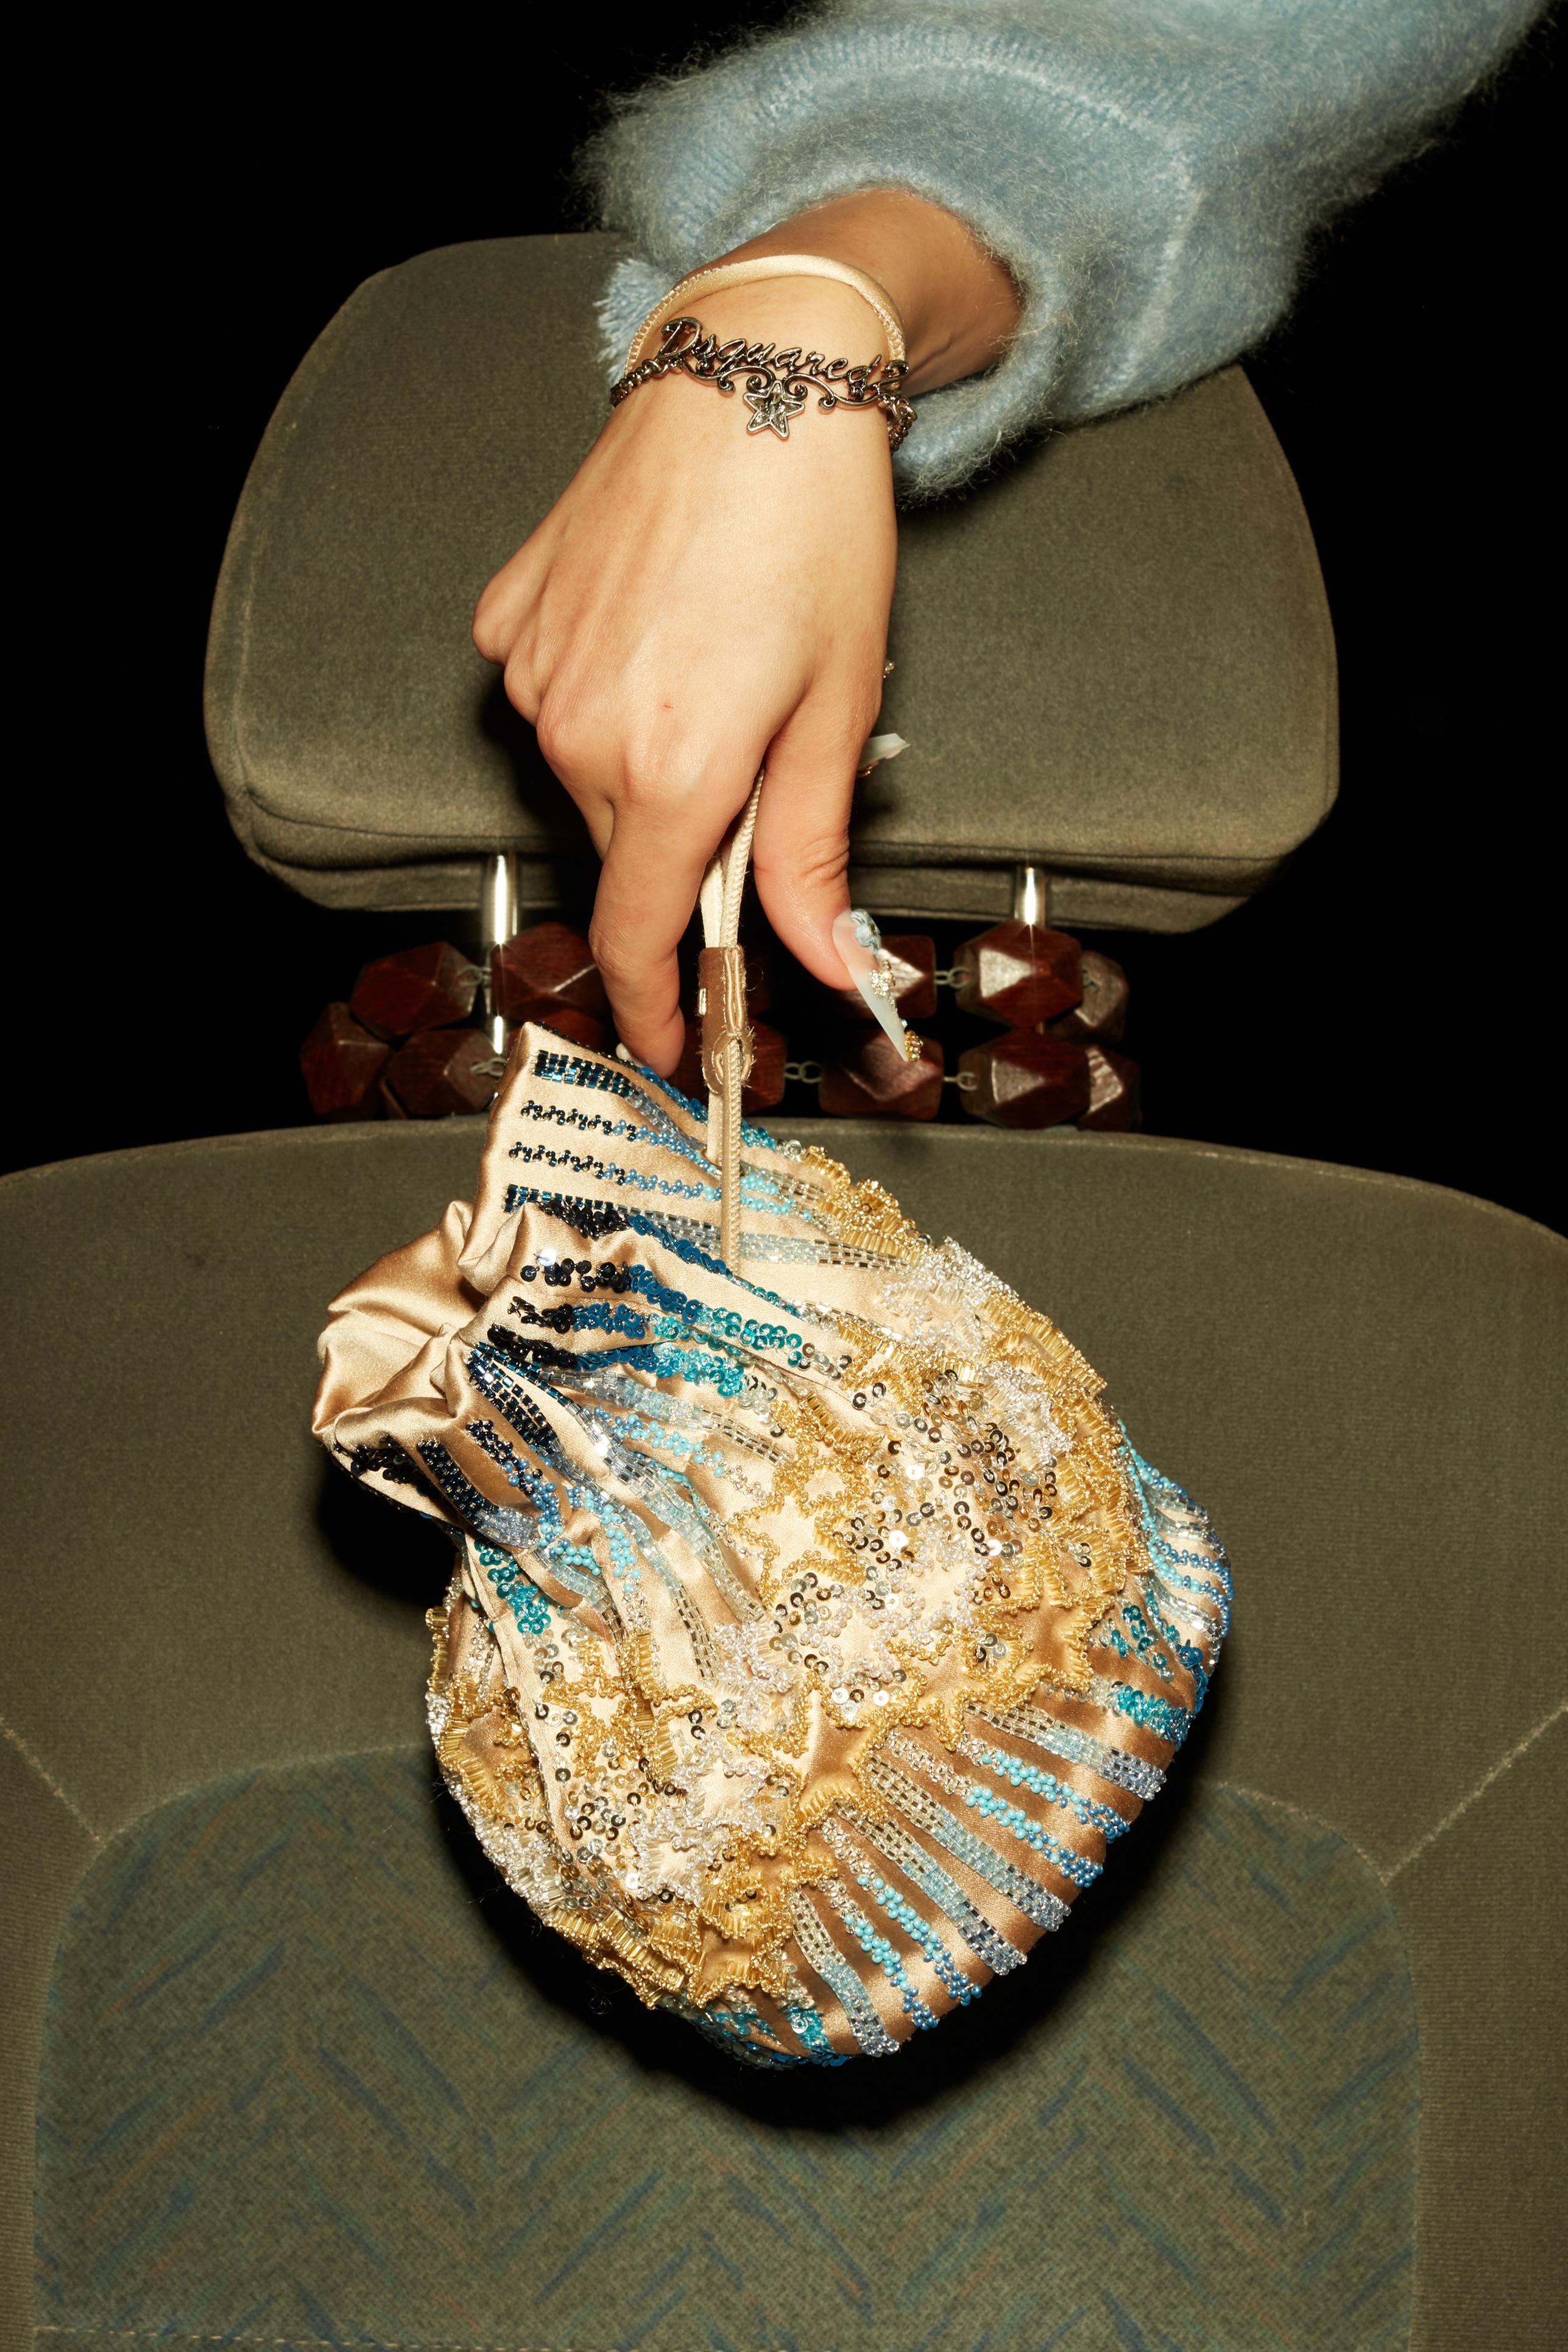 حقيبة ذهبية من مجموعة DSquared2